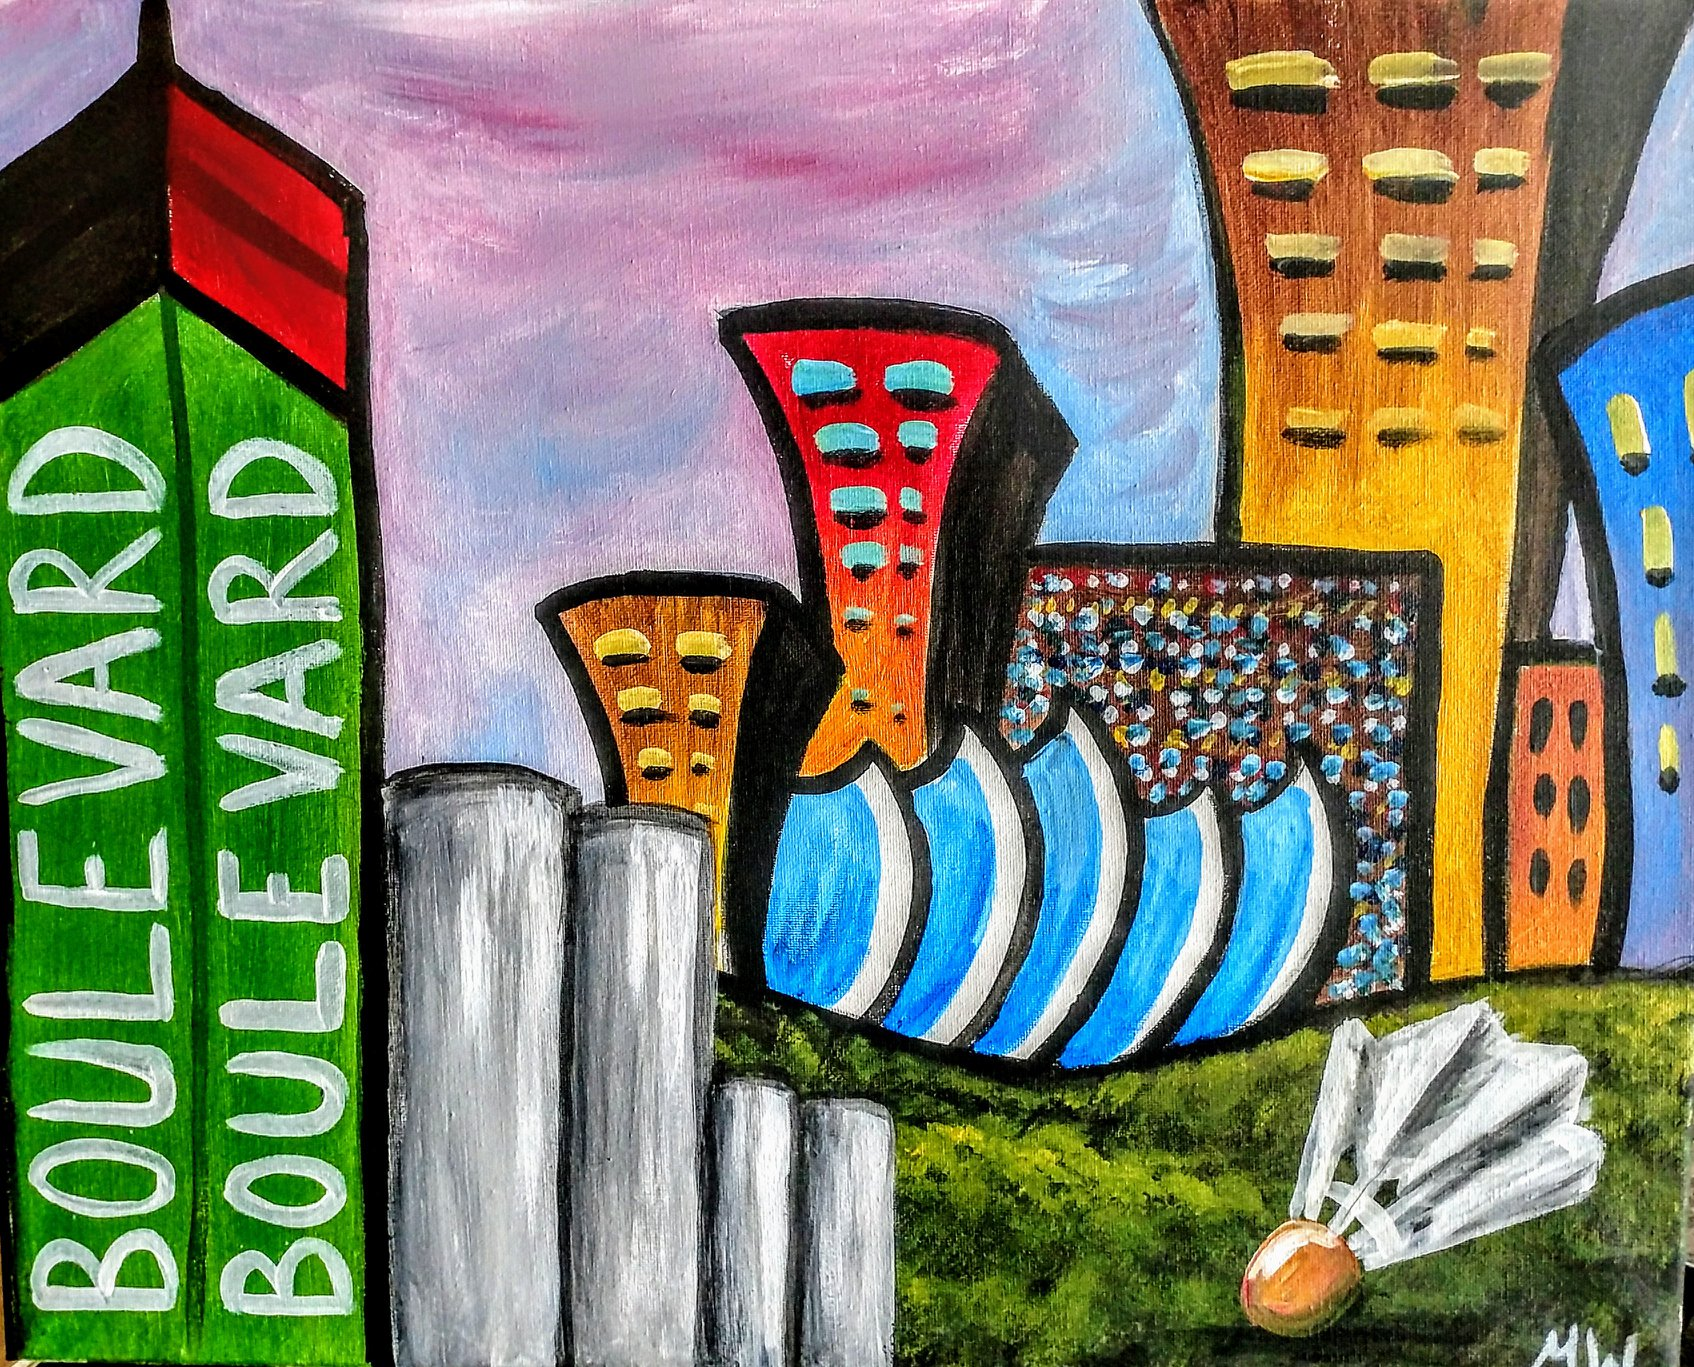 Boulevard Brewery Painting - Kansas City Painting Parties